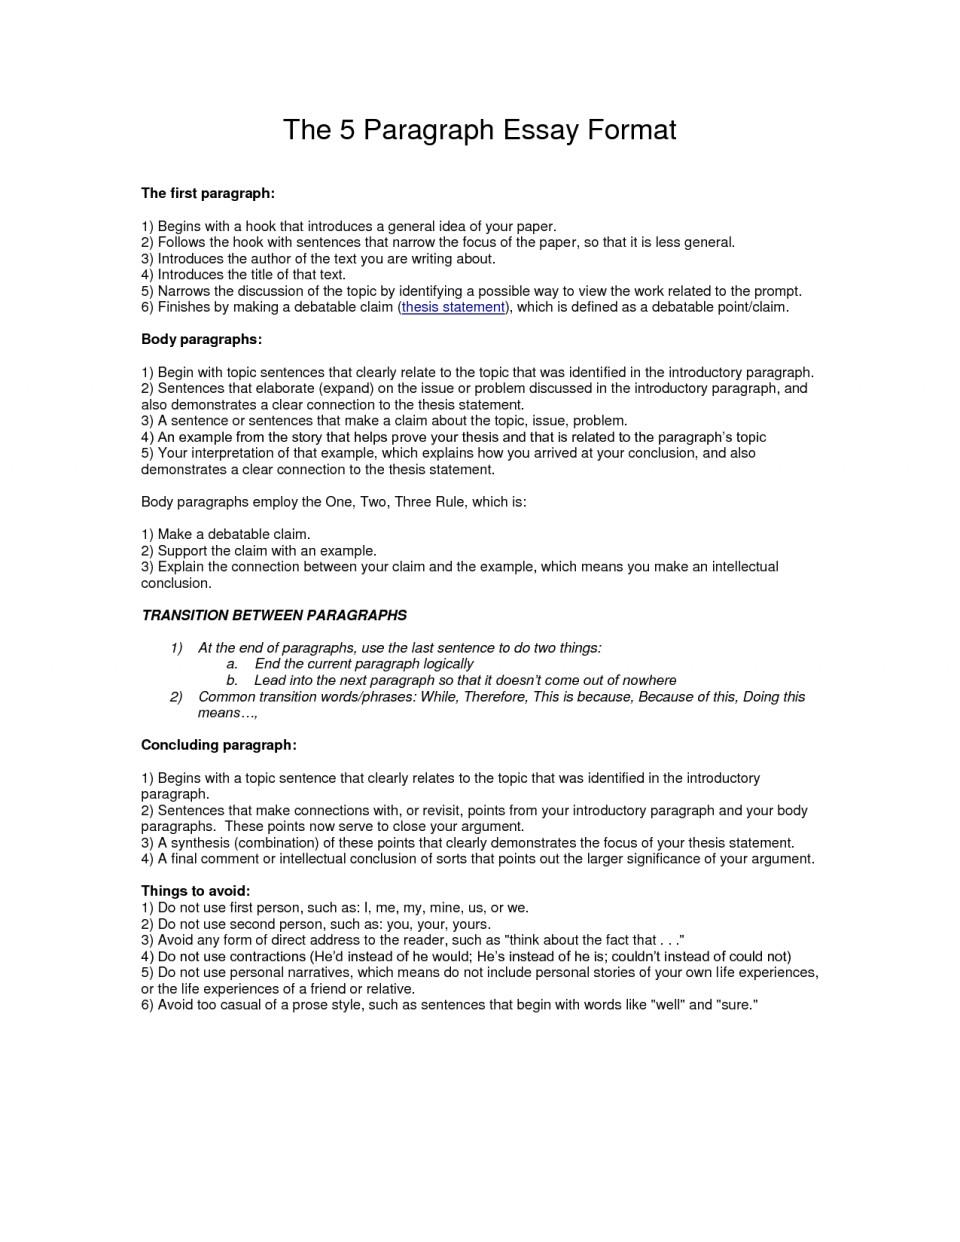 011 Essay Example Paragraph Outline Best Photos Of Format Write L Impressive 5 Five Template Pdf Argumentative 960